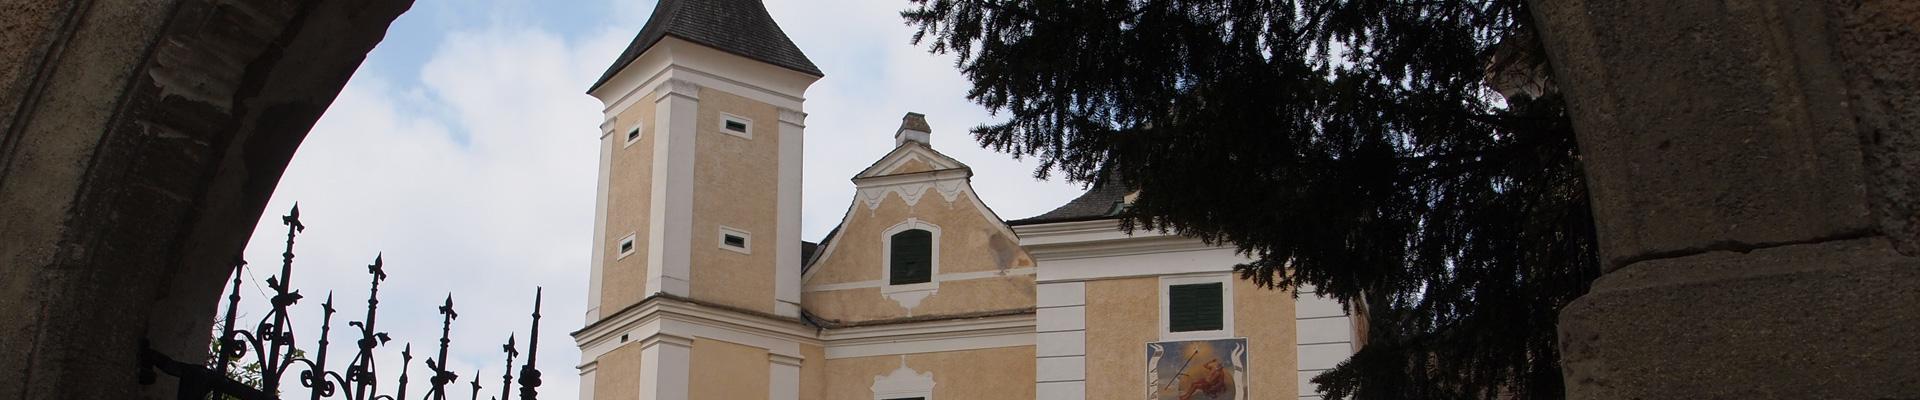 Schloss Mühlbach am Manhartsberg